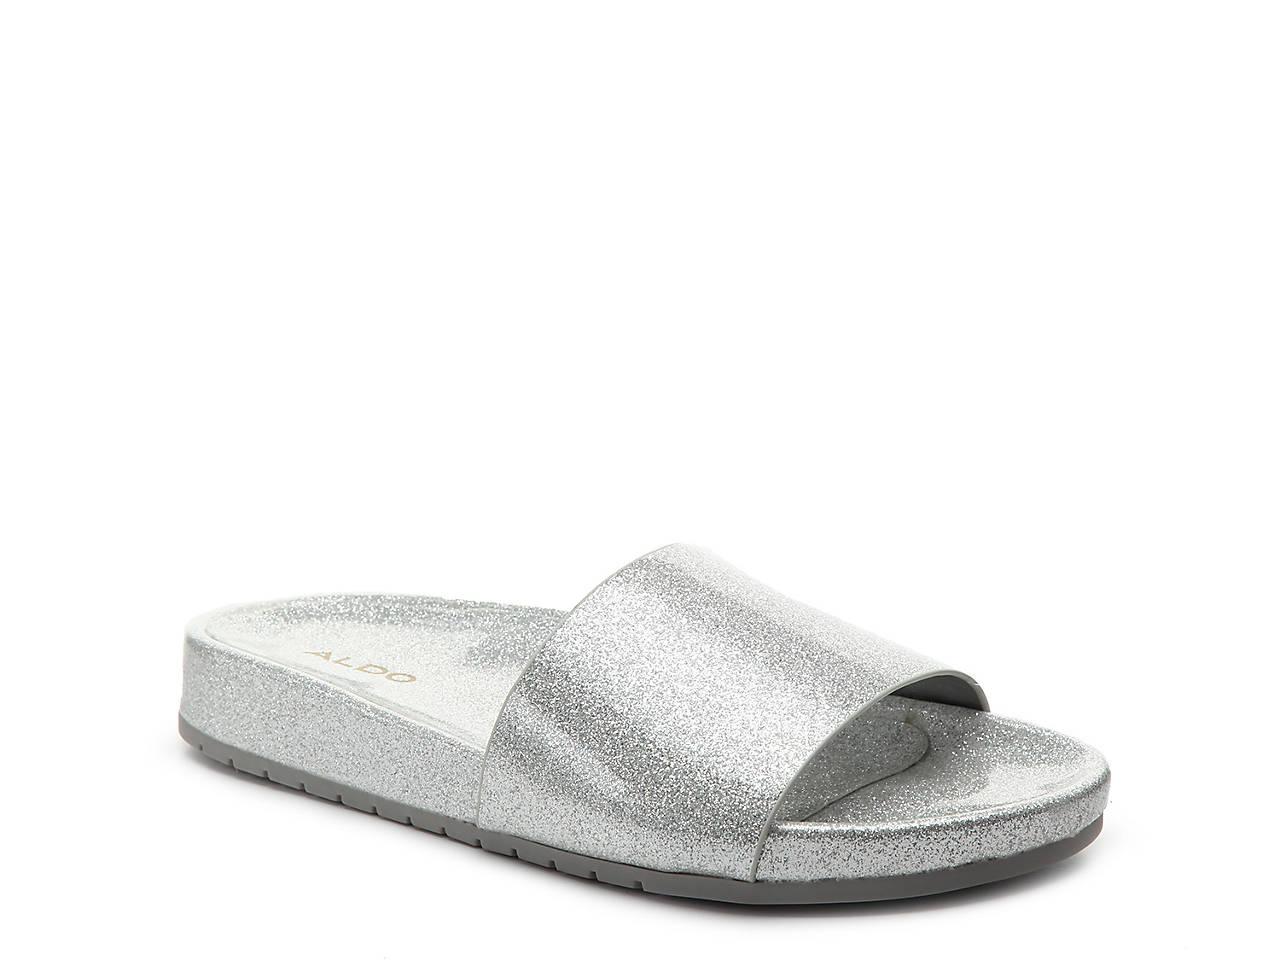 c66d5cc1f26 Aldo Mirelacia Slide Sandal Women s Shoes